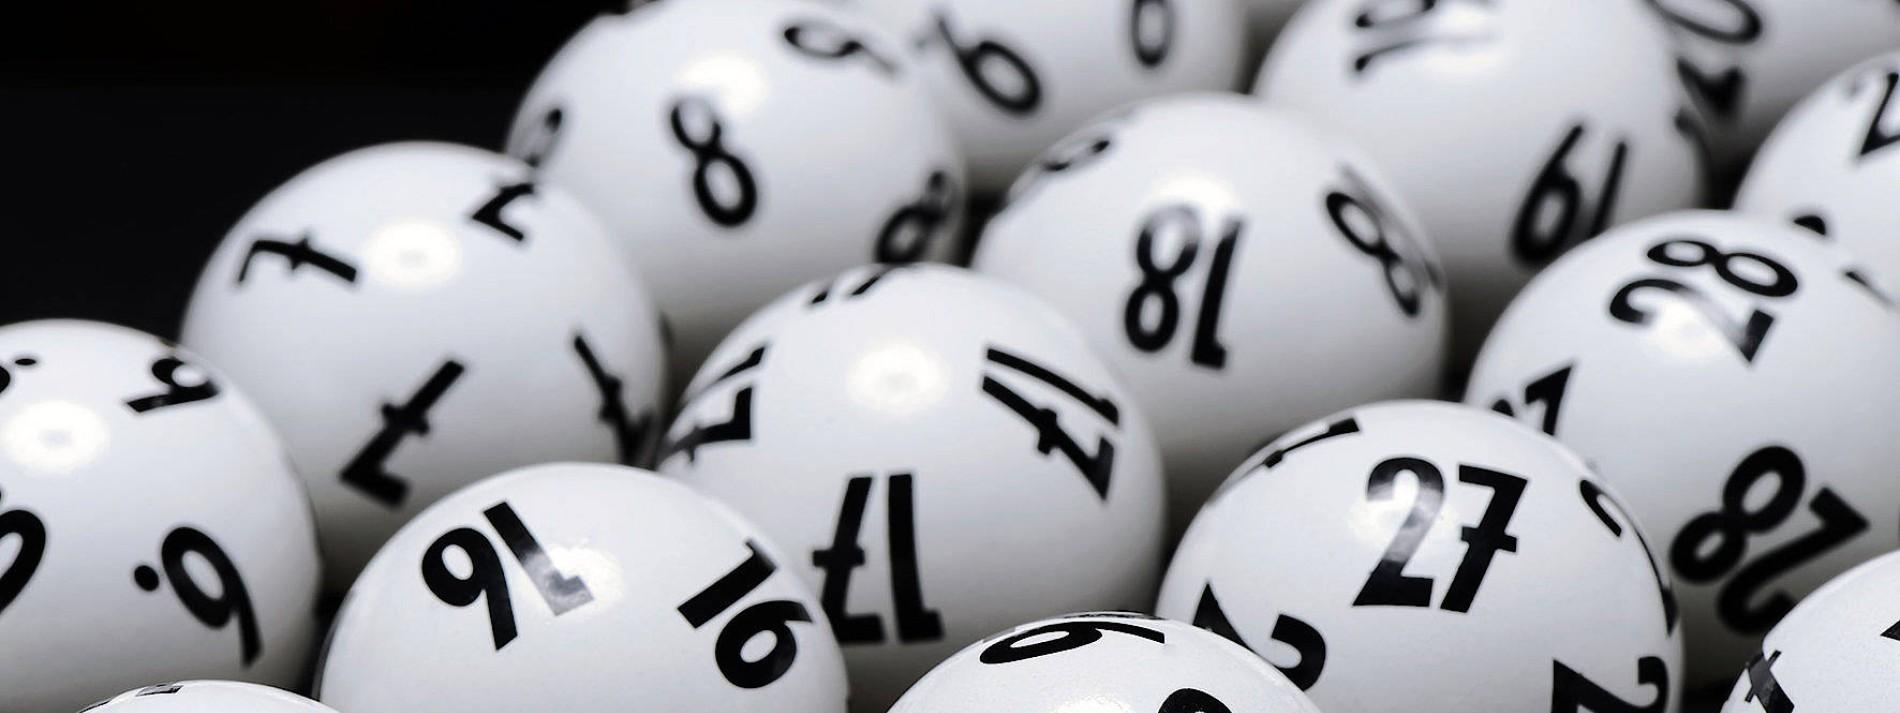 Tipper aus Kassel gewinnt 2,1 Millionen Euro